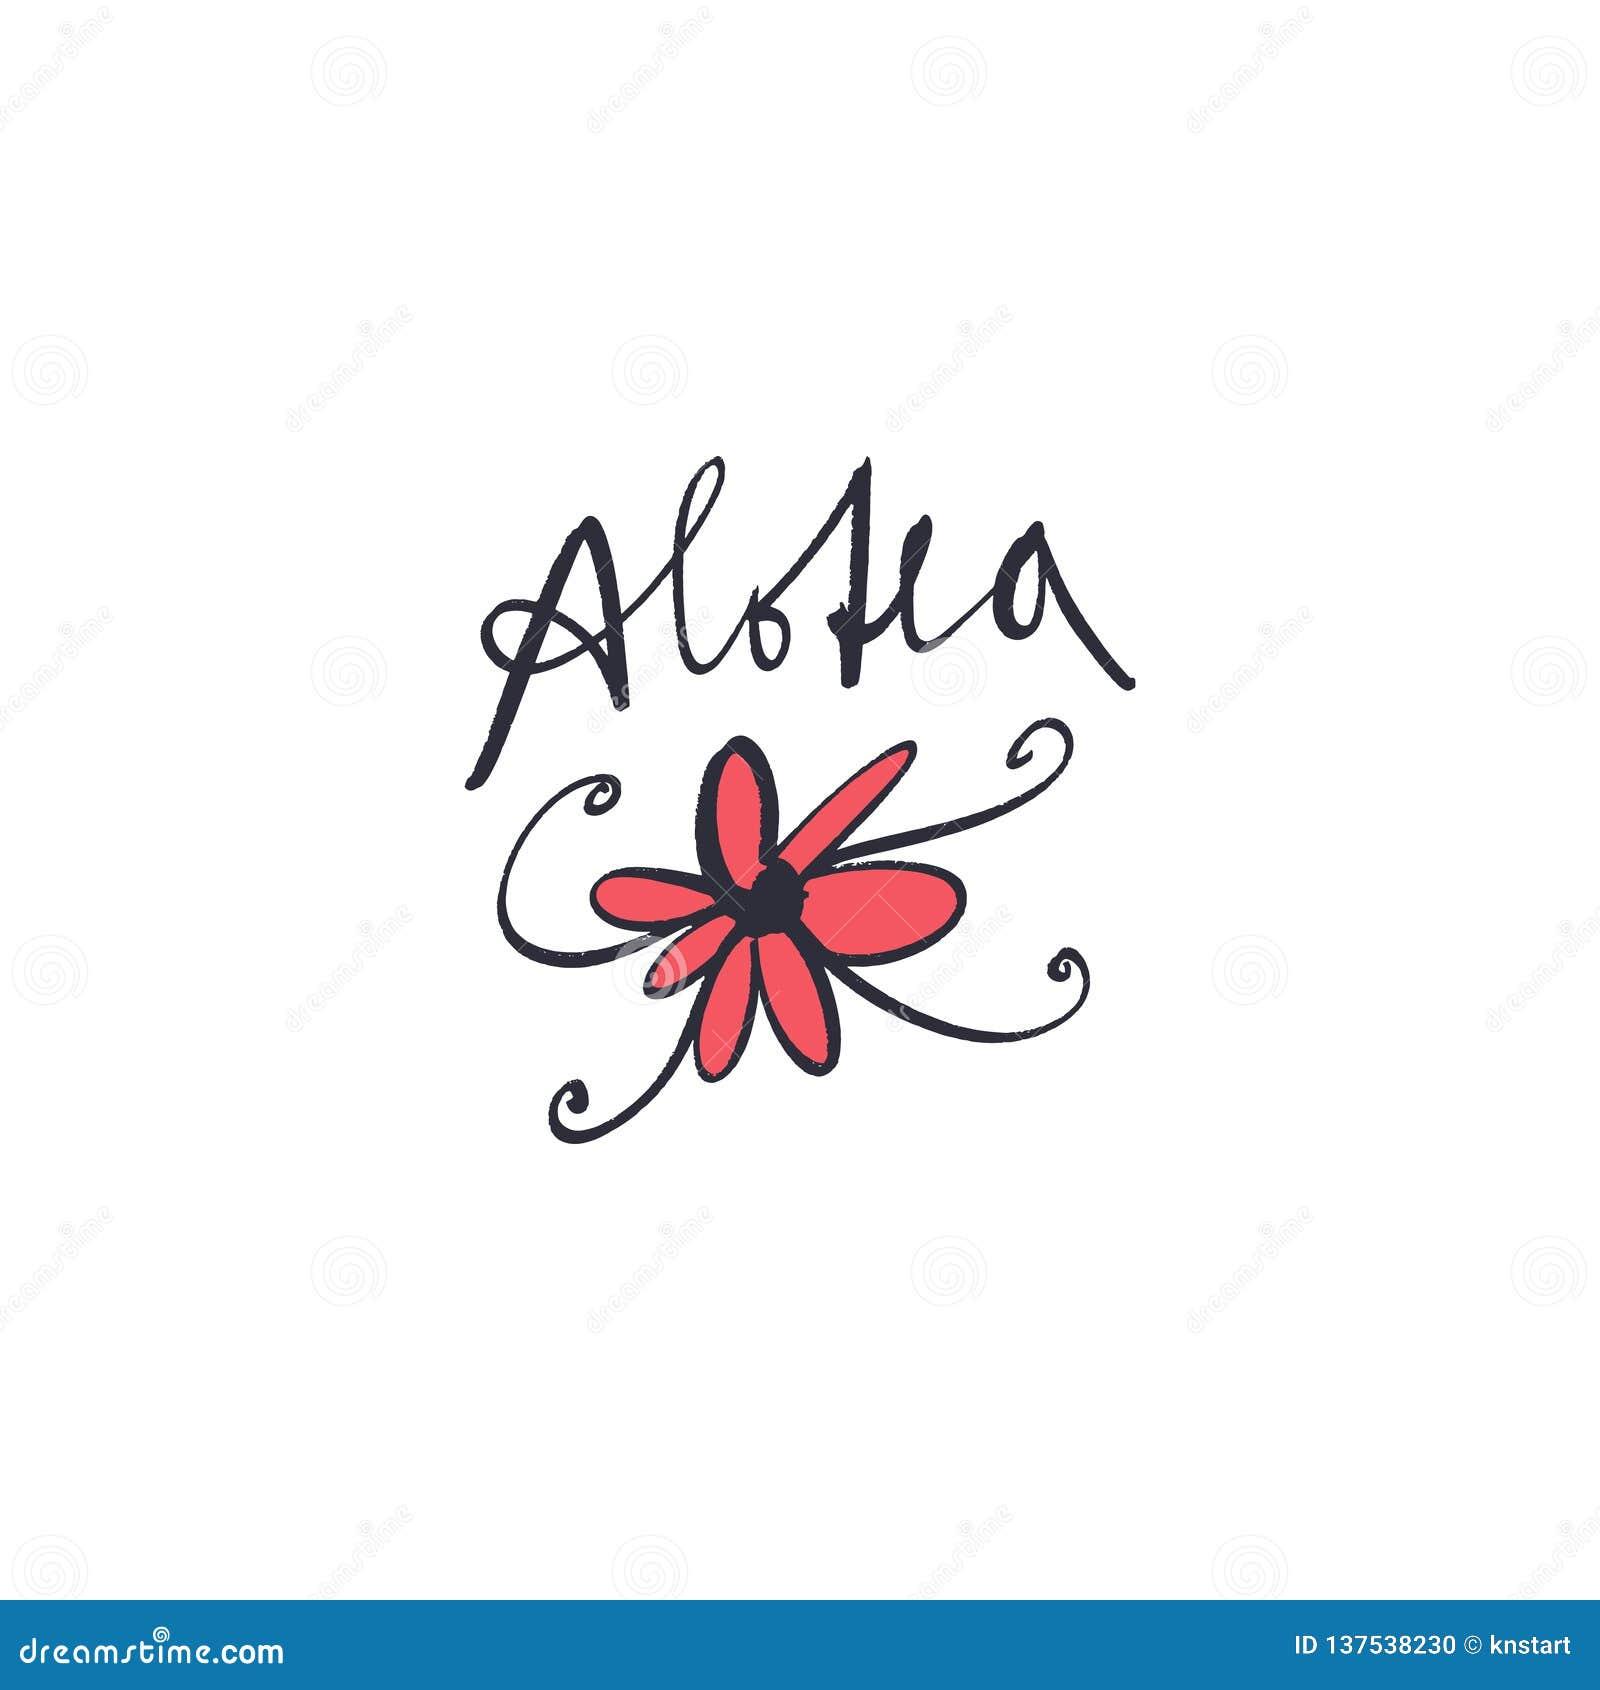 Handgezogene Aufschrift Aloha Blumen in der lustigen hawaiischen Art, ethnischer Sommerdruck, Inselatmosphäre